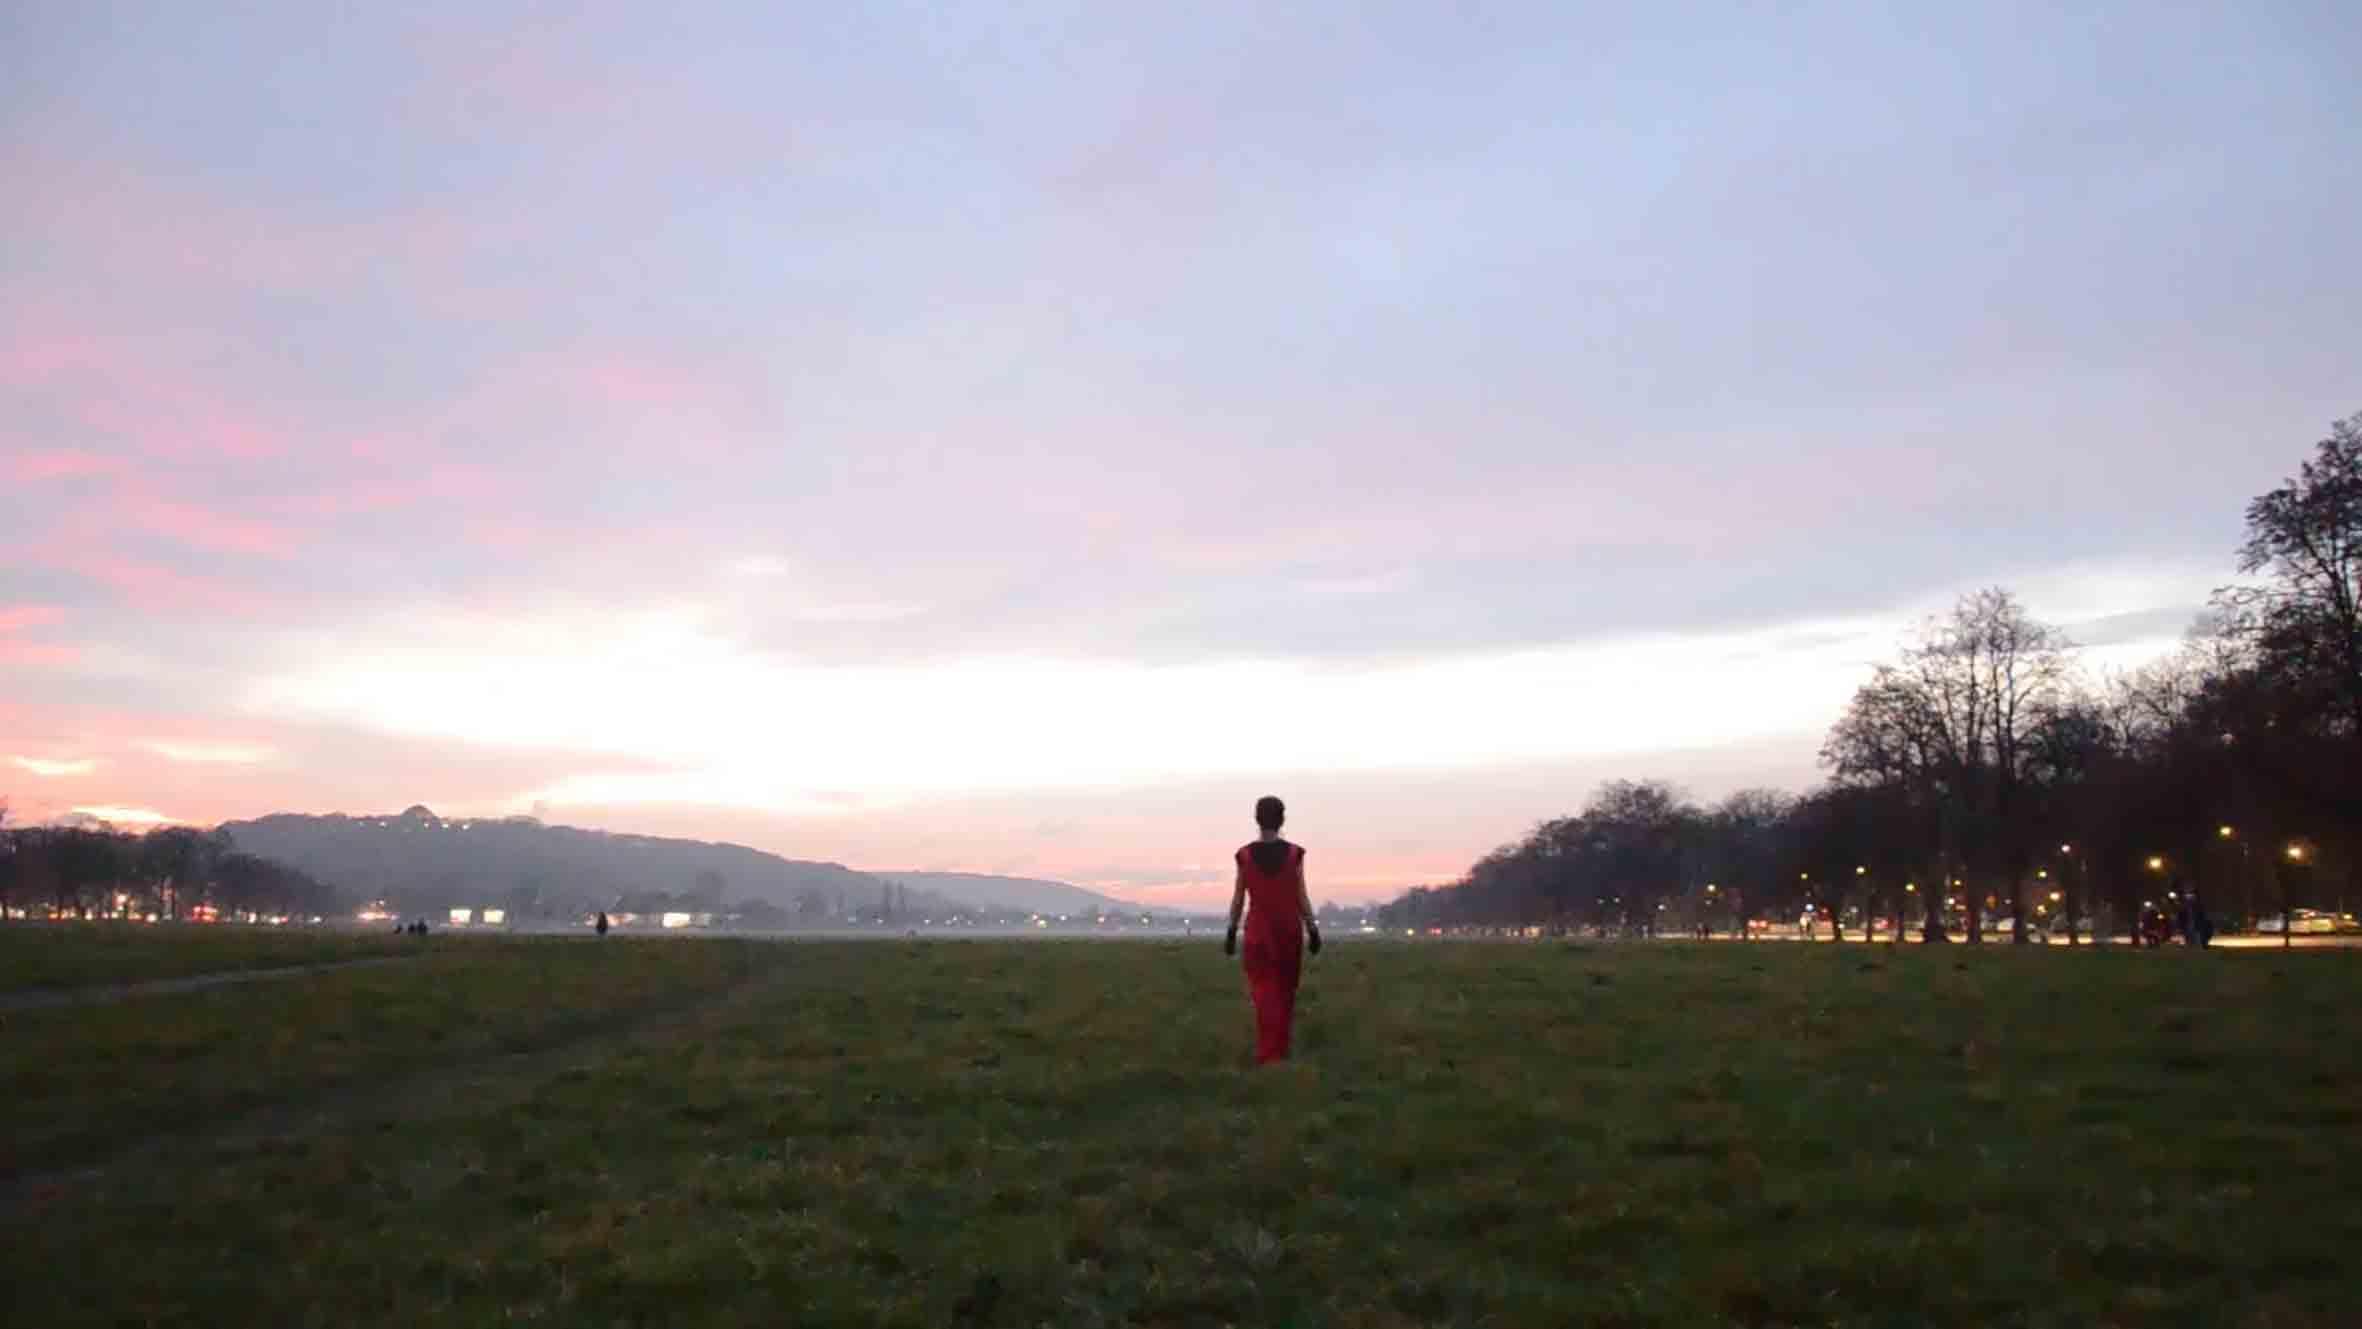 Kadry z filmu wideo będącego częścią instalacji.